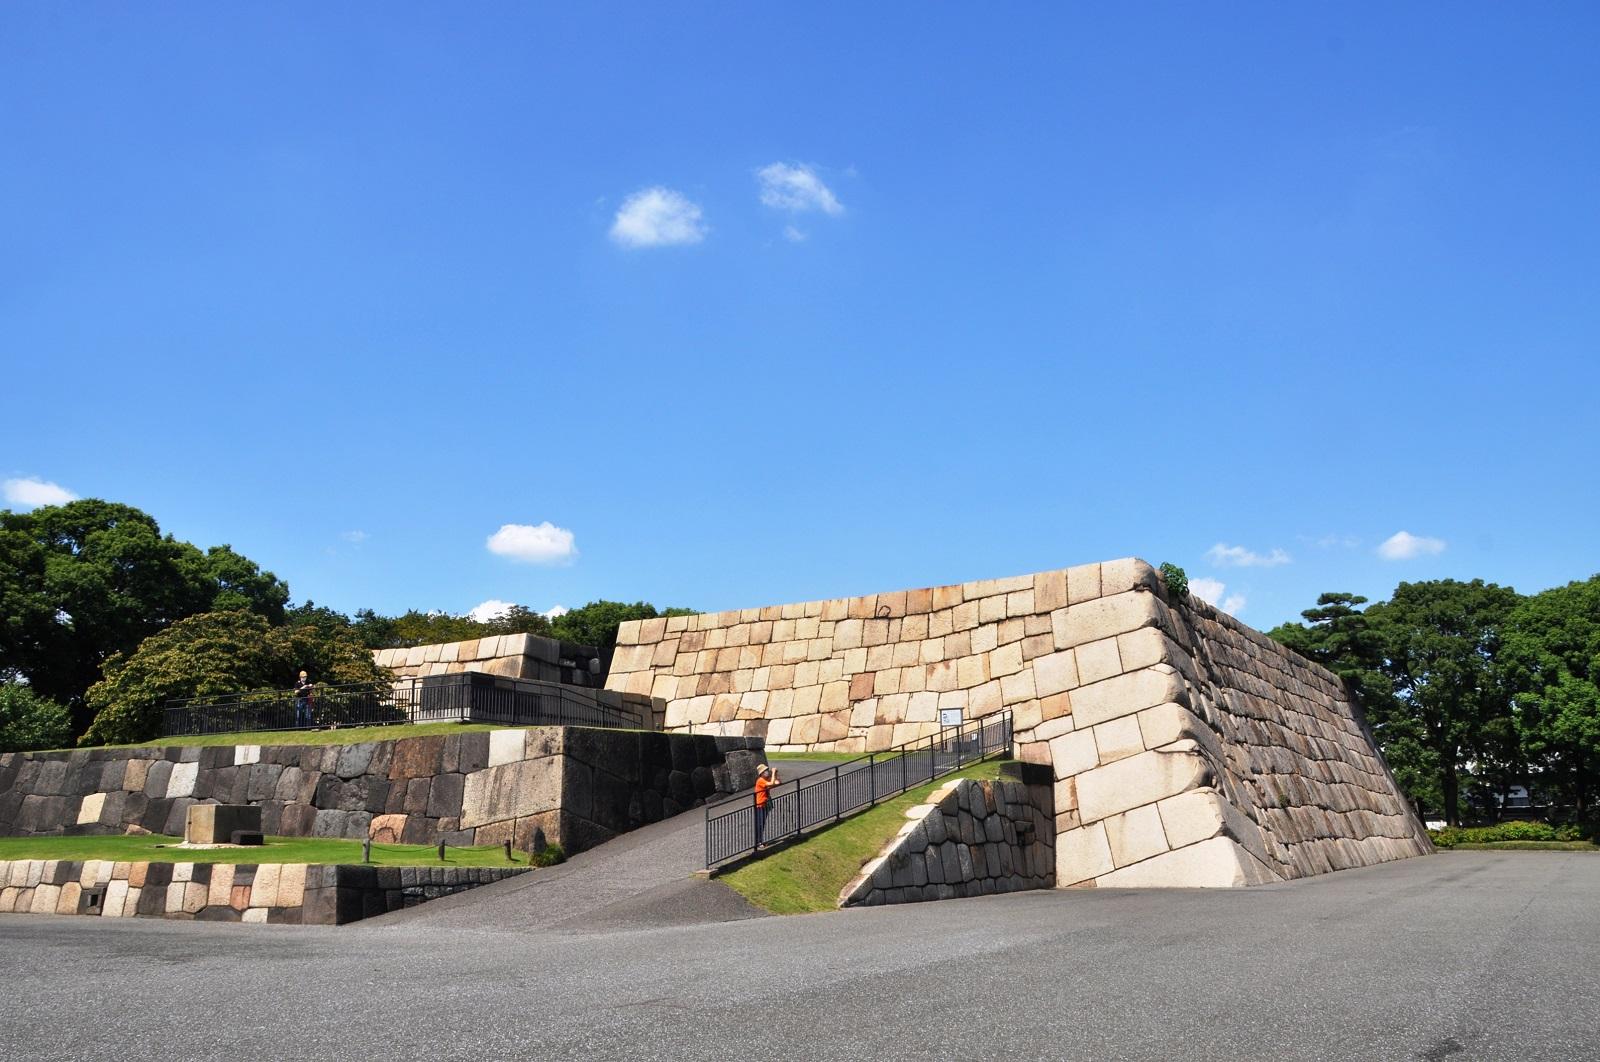 スポット(天守台) 【公式】東京都千代田区の観光情報公式サイト / Visit Chiyoda